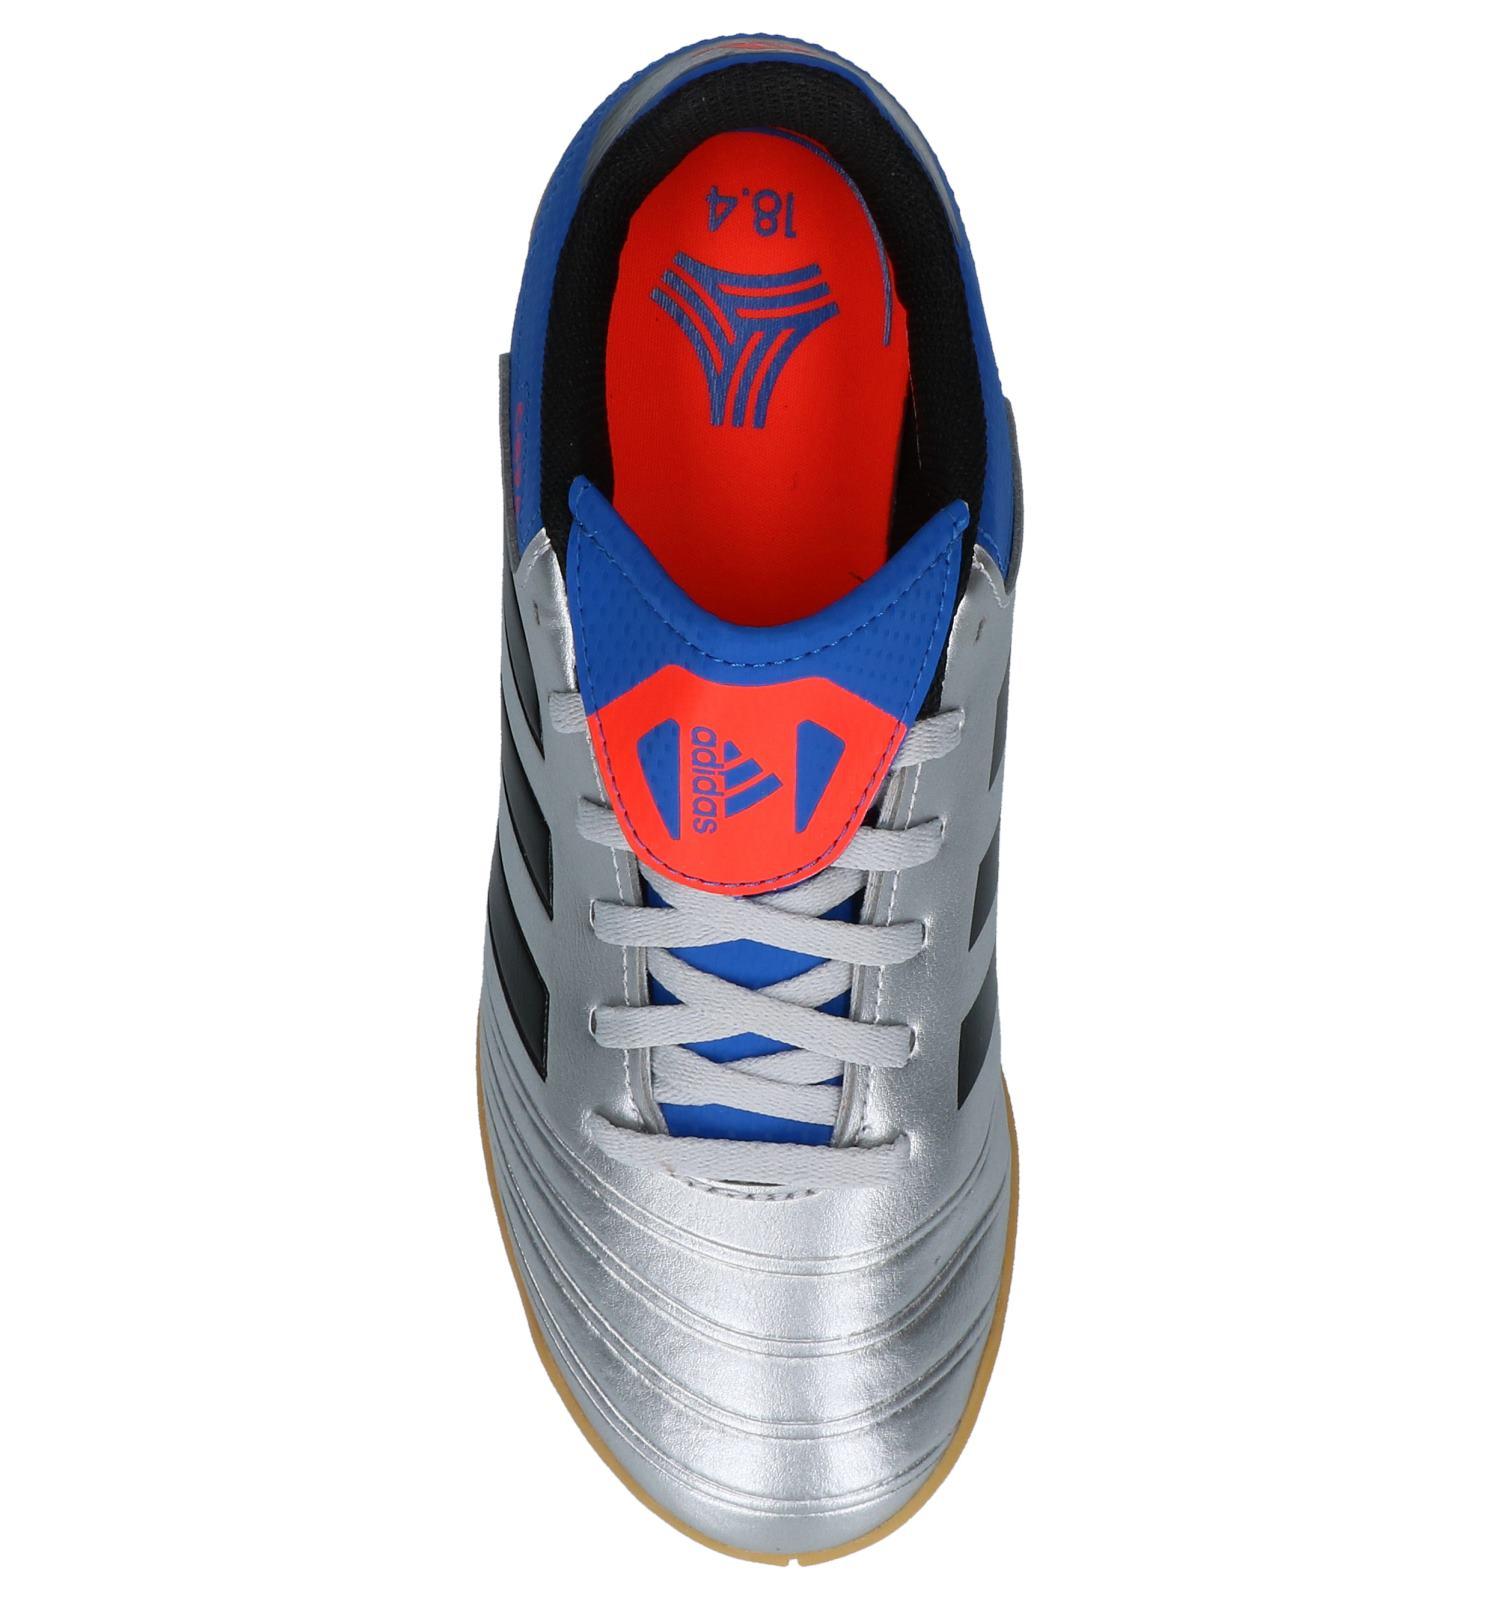 Livraison Et Chaussures De FootargentTorfs Retour Adidas be 0wP8XONnk